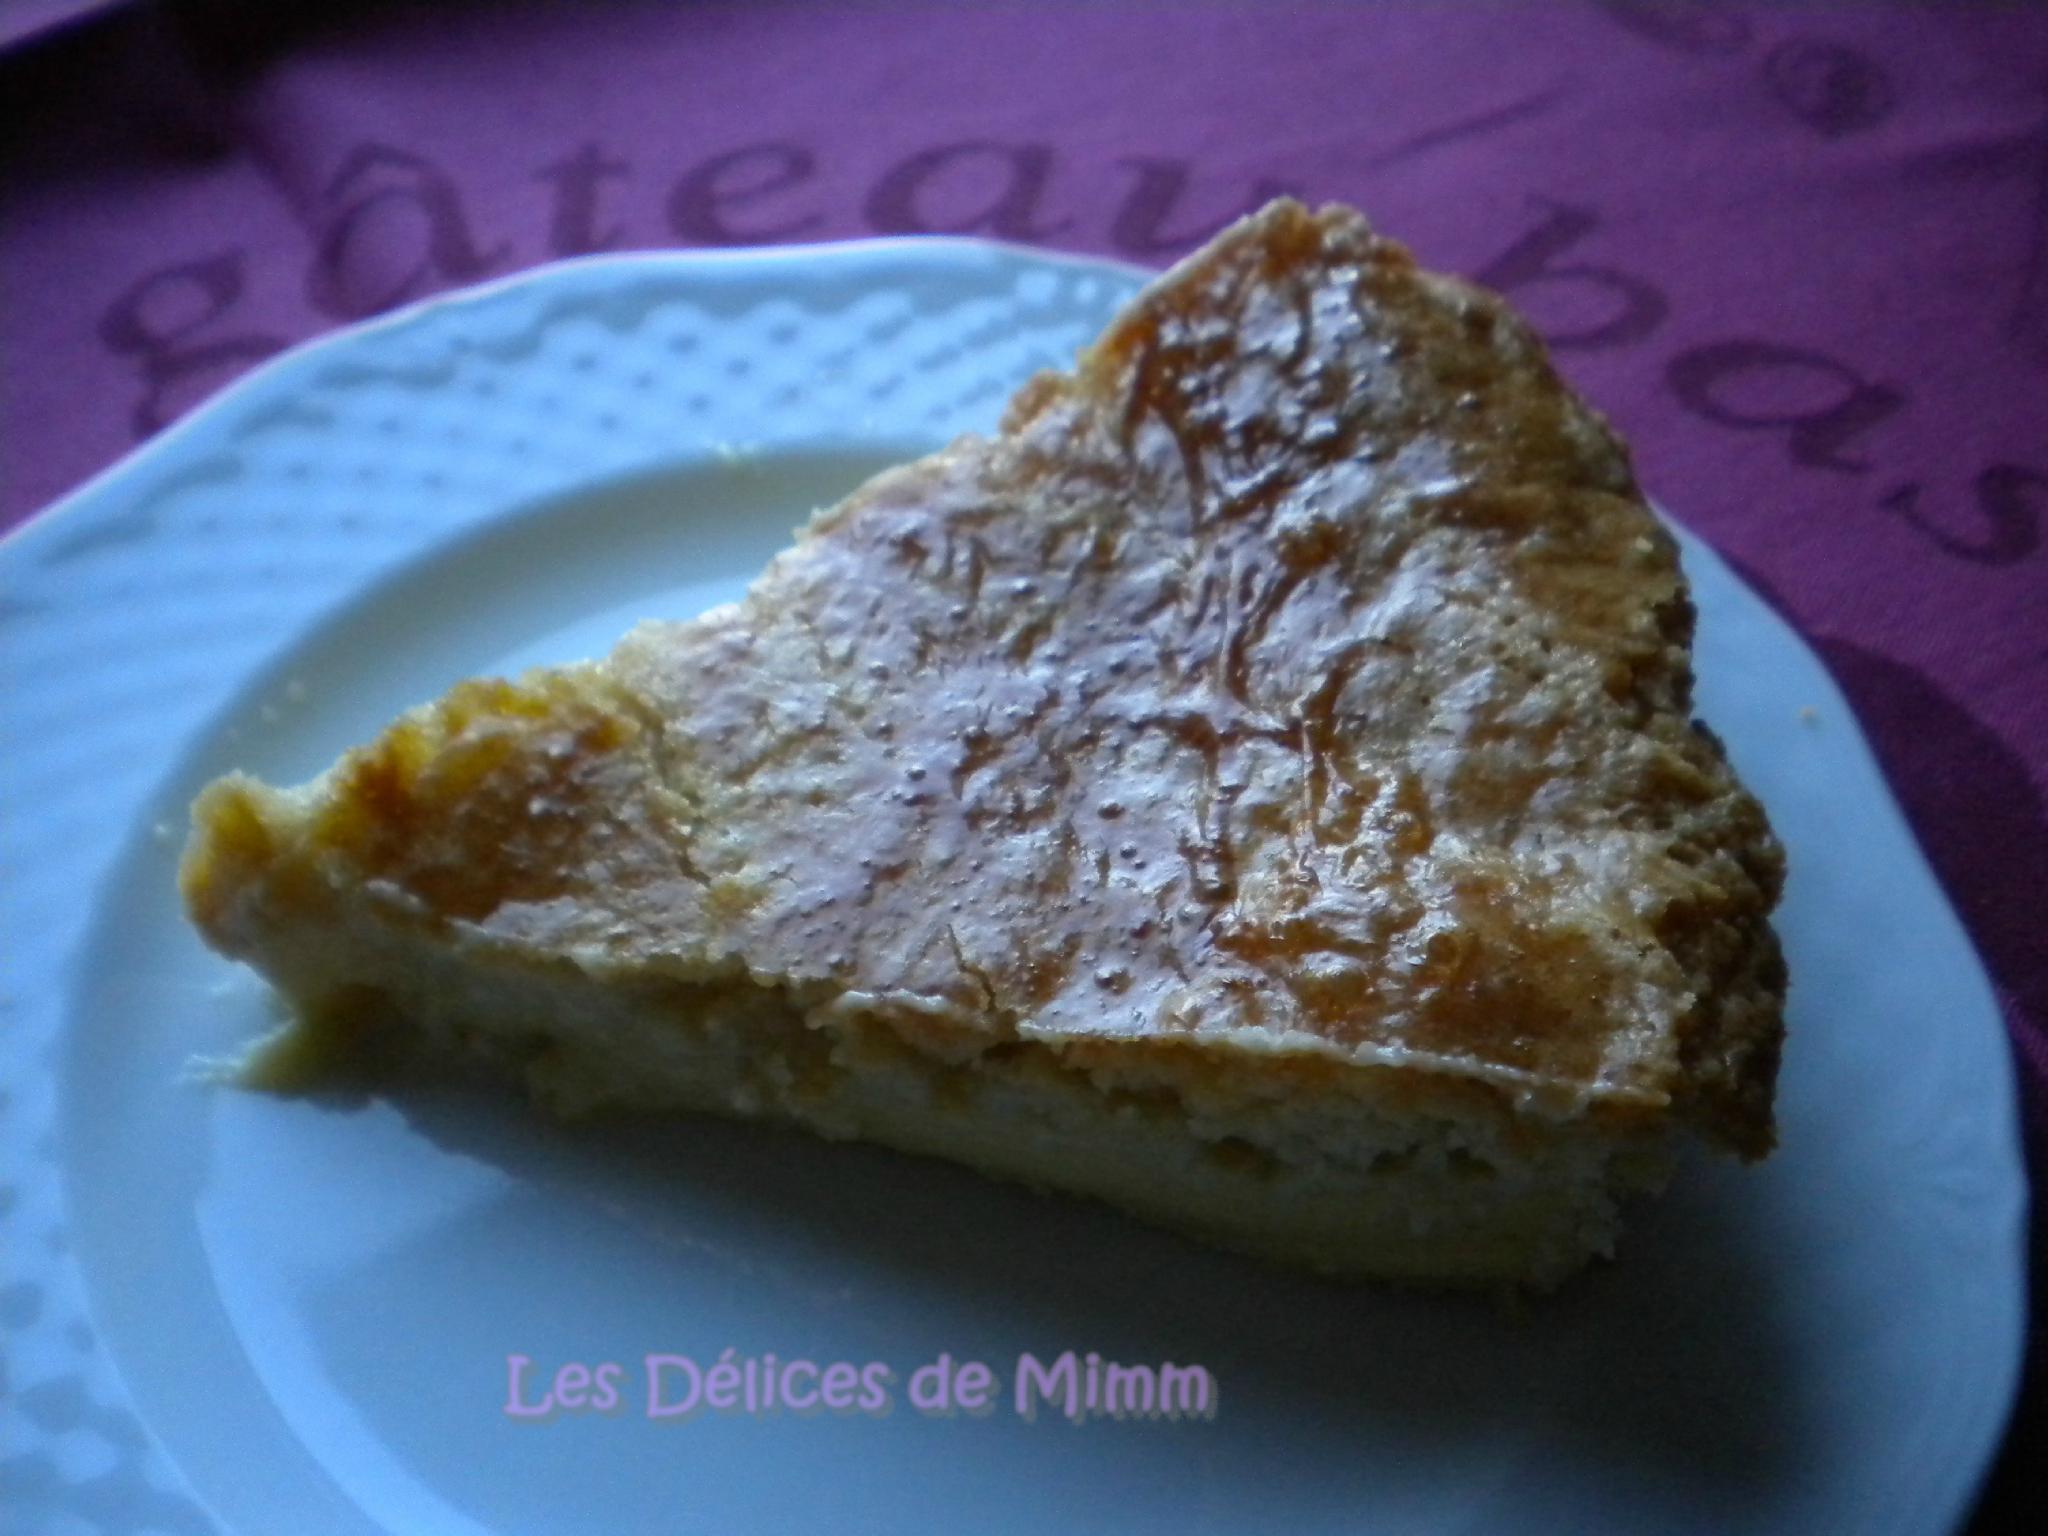 Le Gateau Basque Les Delices De Mimm